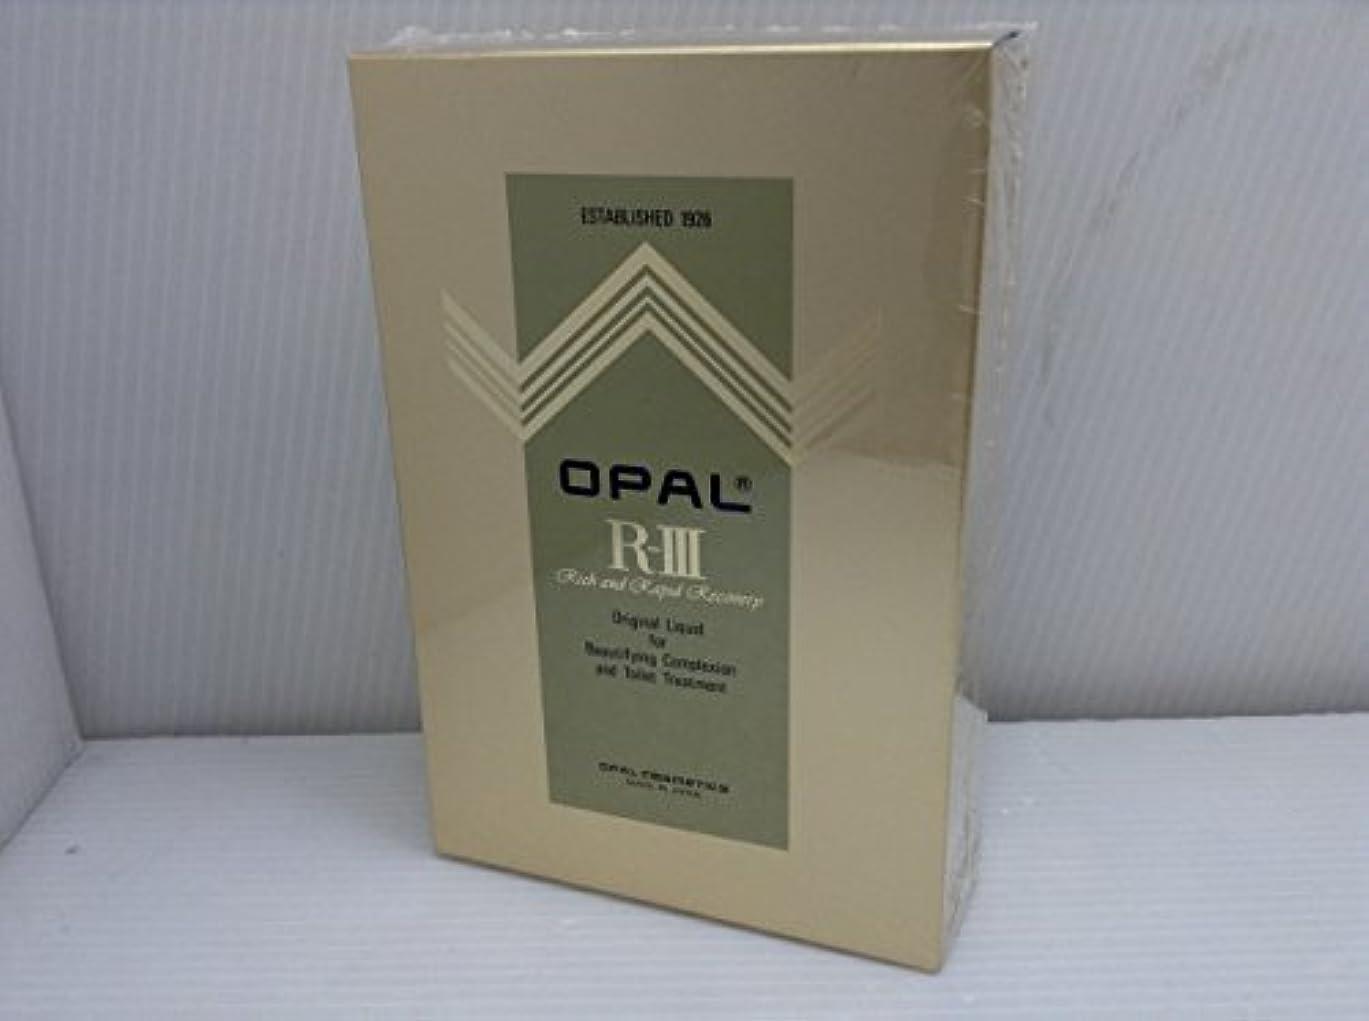 割り当てる感度大事にするオパール化粧品 美容原液 薬用オパール R-III (460ml)